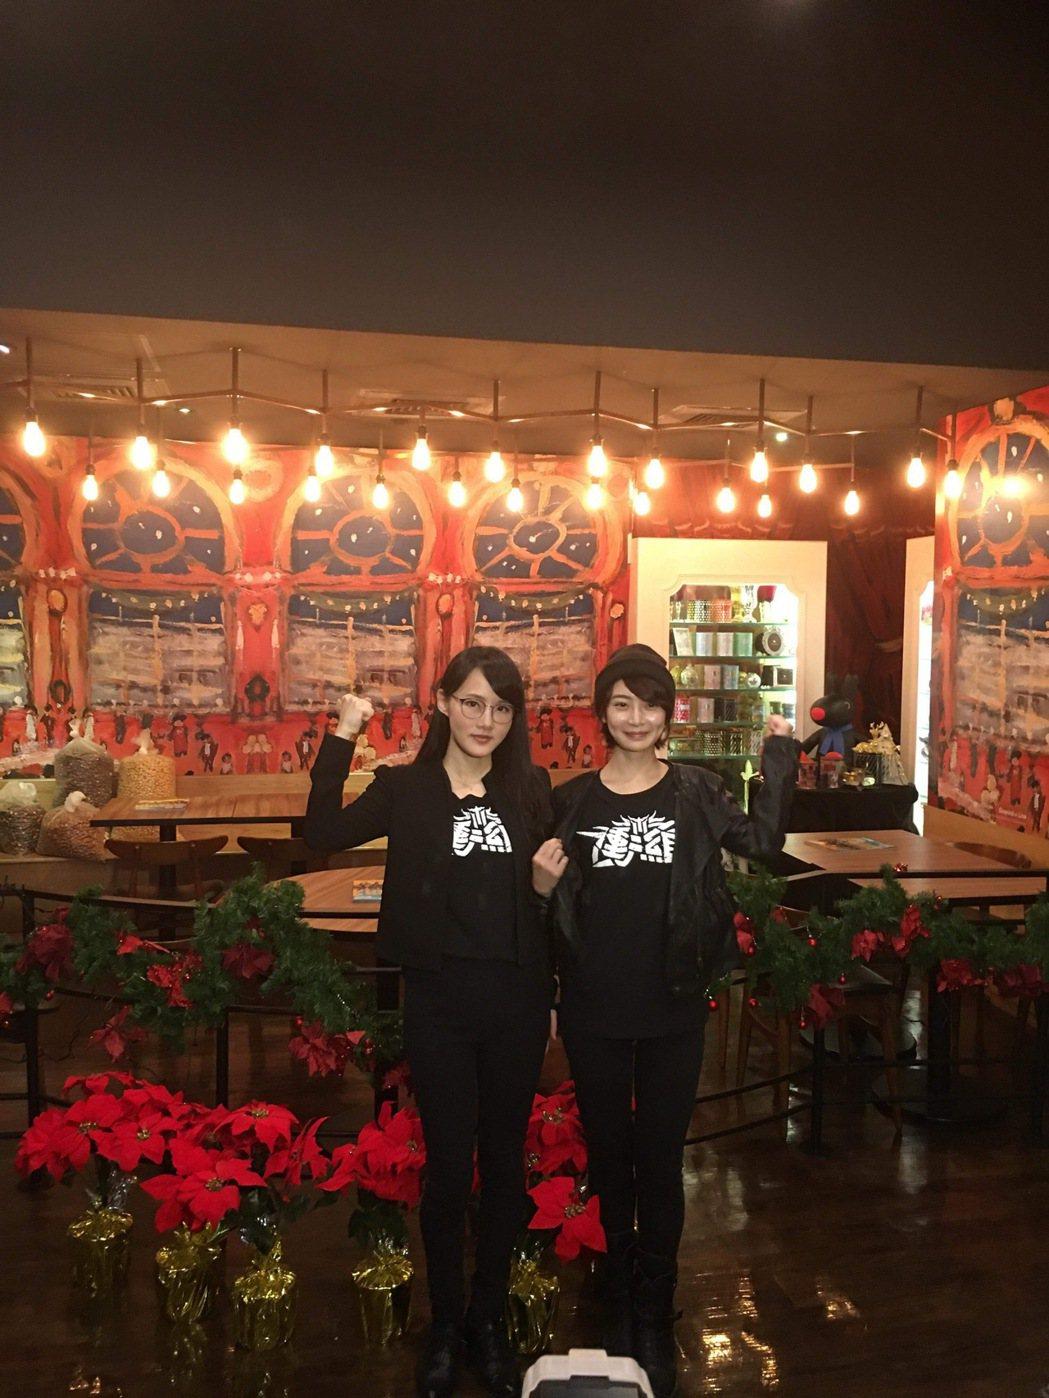 閃靈Doris(左)與李亦捷(右)出席「衝組」一日店長活動,為電影宣傳。圖/鏡象